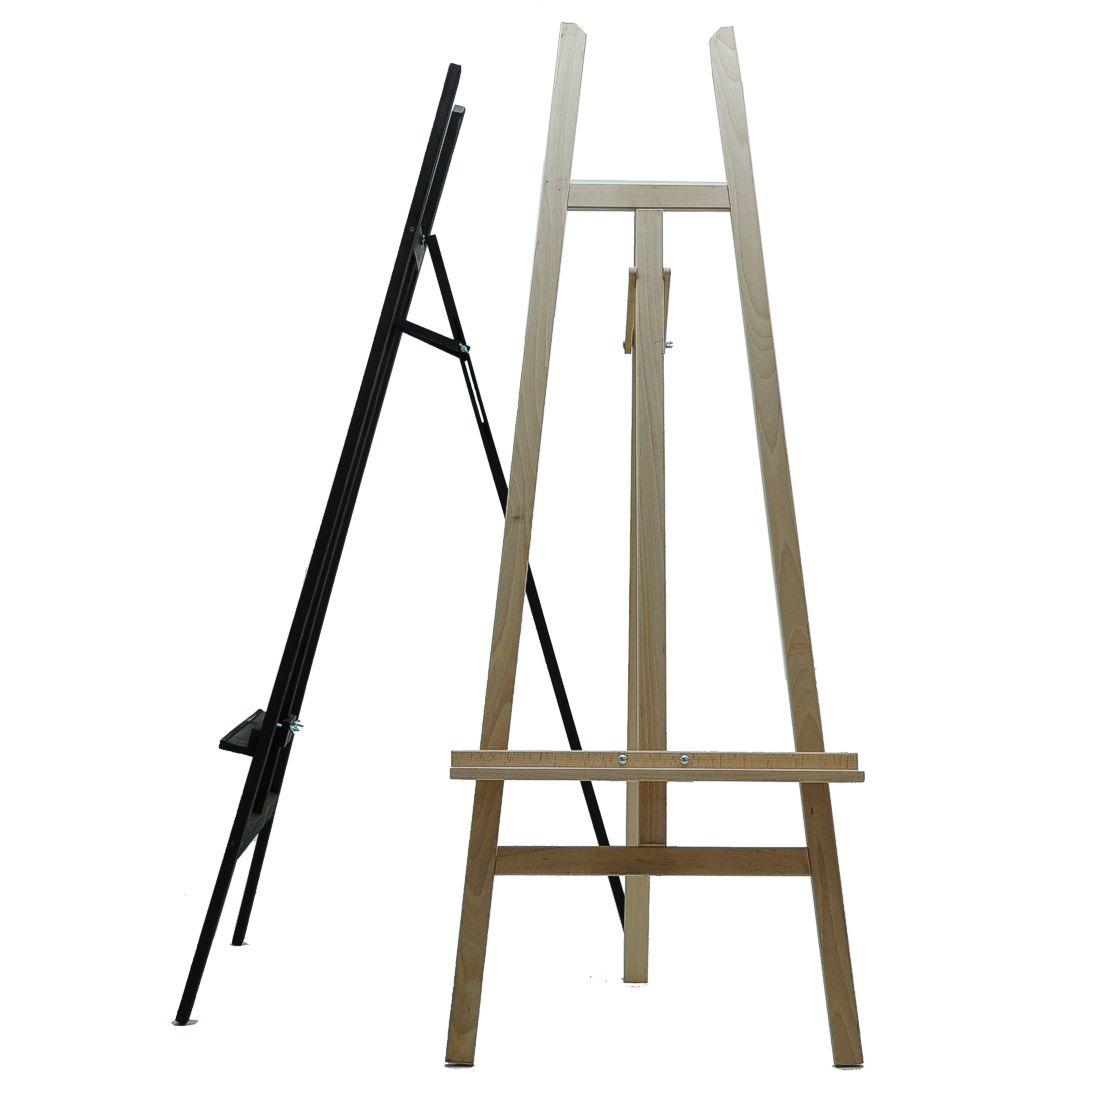 floor standing wooden display easel